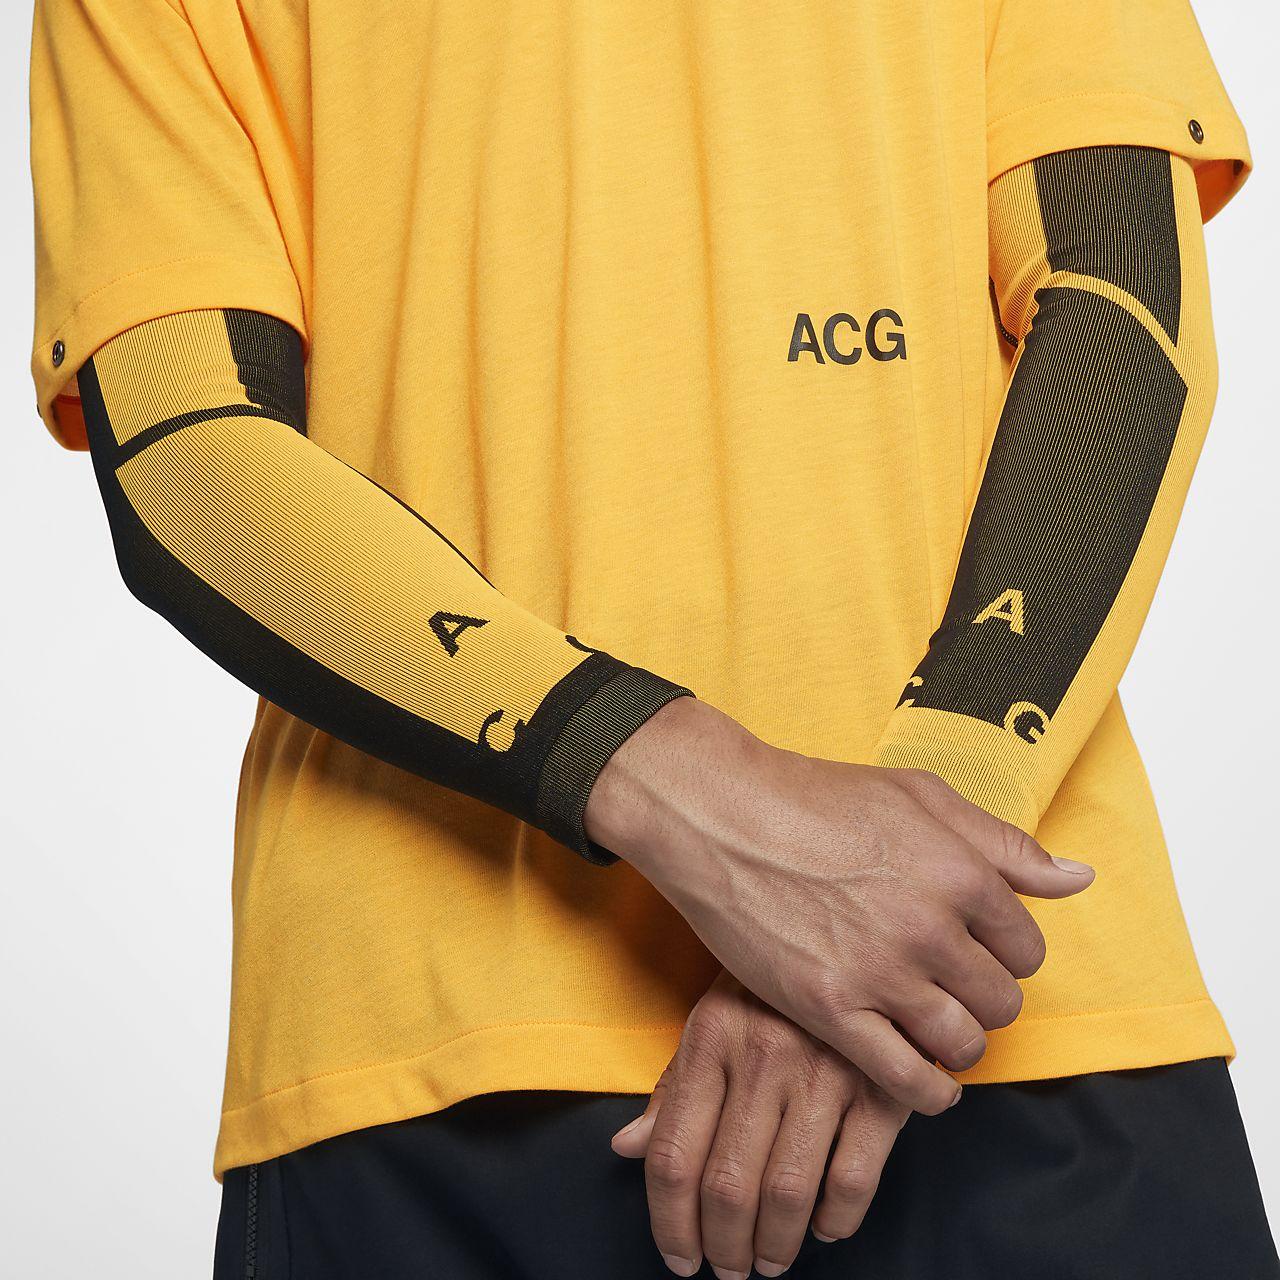 ปลอกแขนผู้ชาย NikeLab ACG